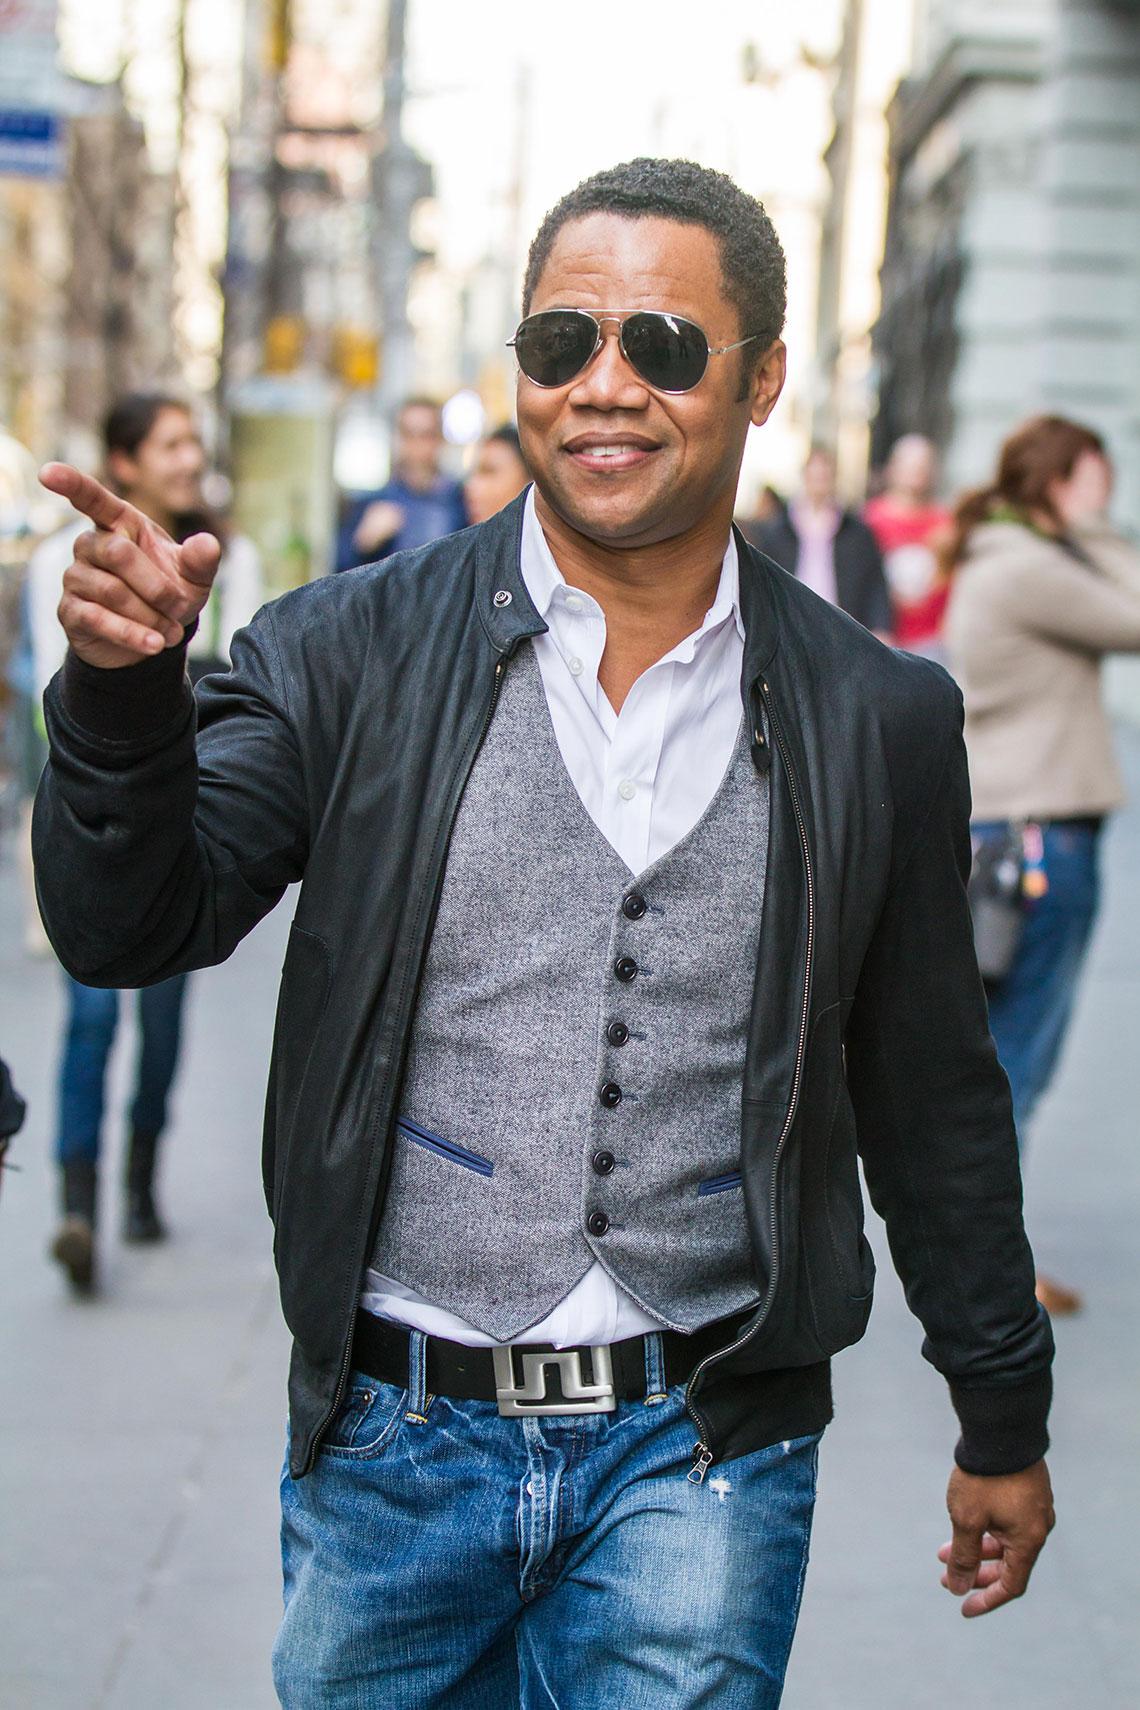 Hombres De Jeans Guía 50 Para Mayores vb6YfI7gy